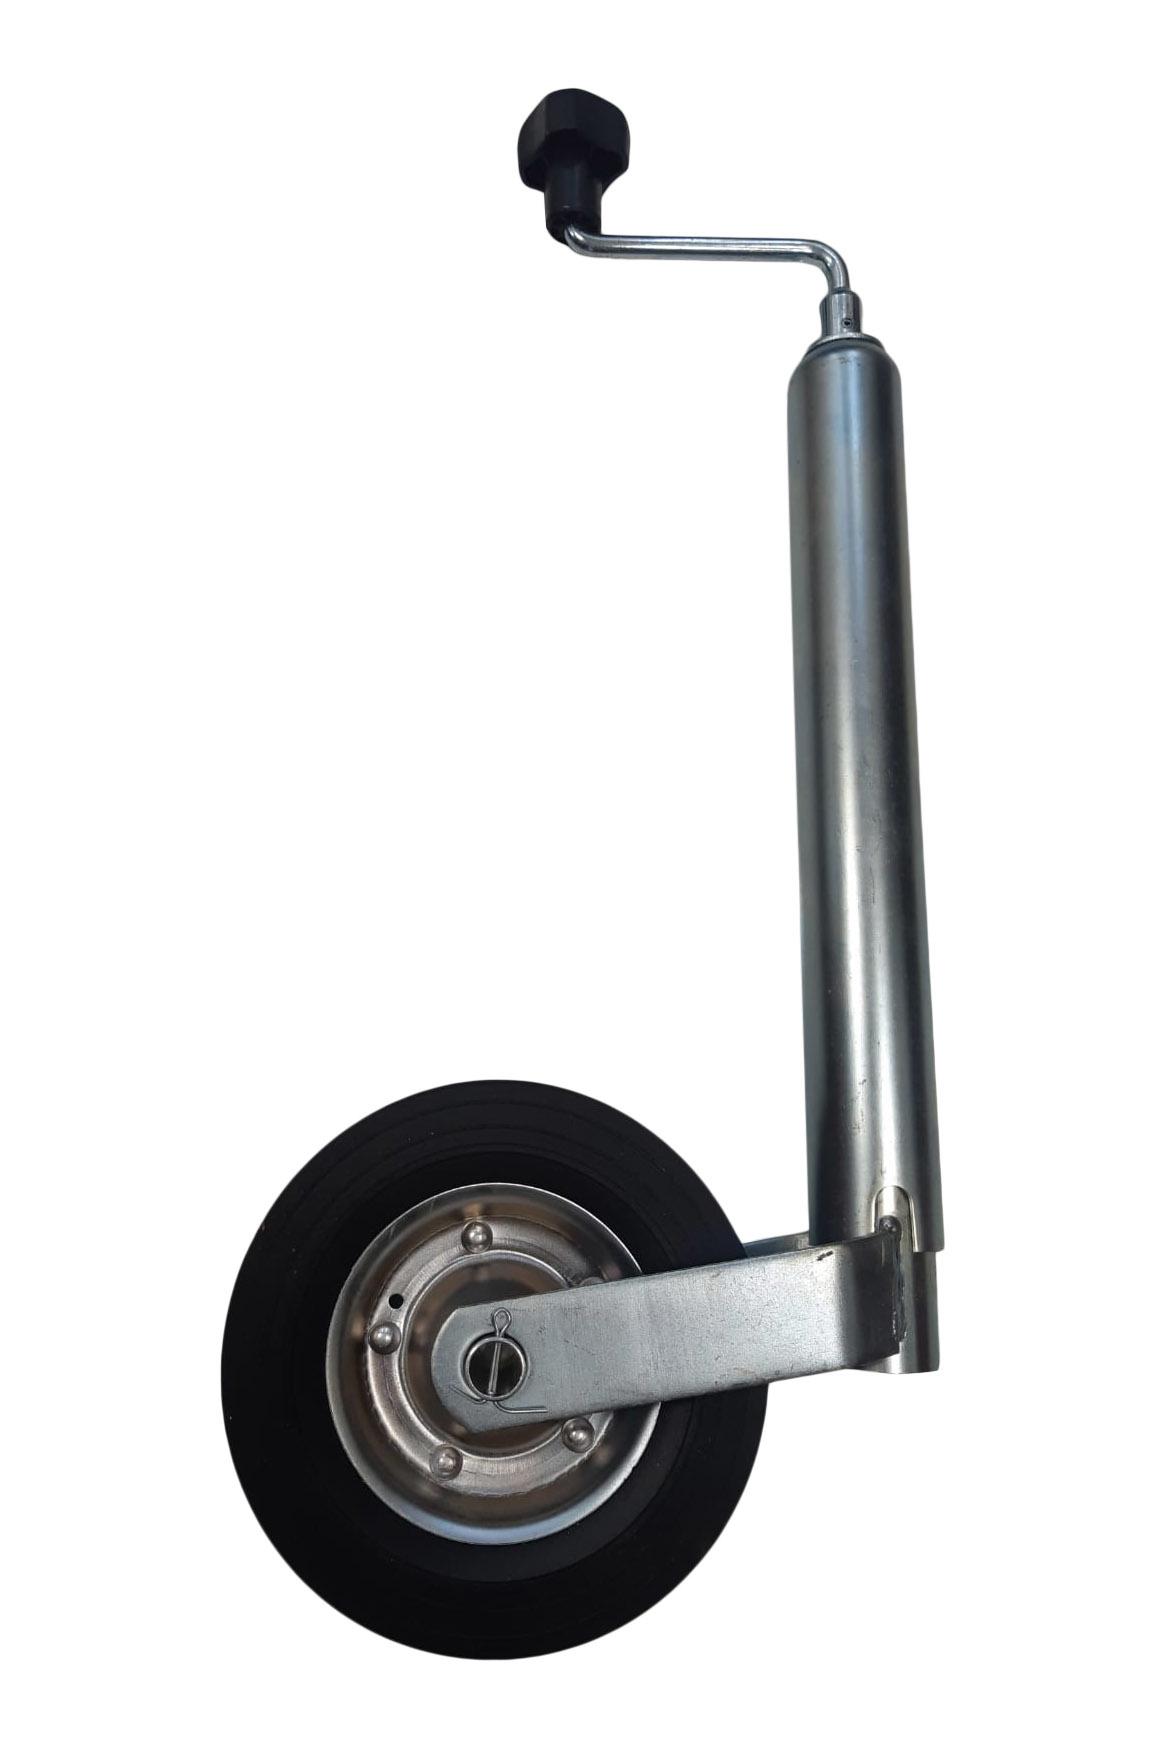 AWD Neuswiel voor aanhangwagen/trailer - rond 48 mm - stalen velg